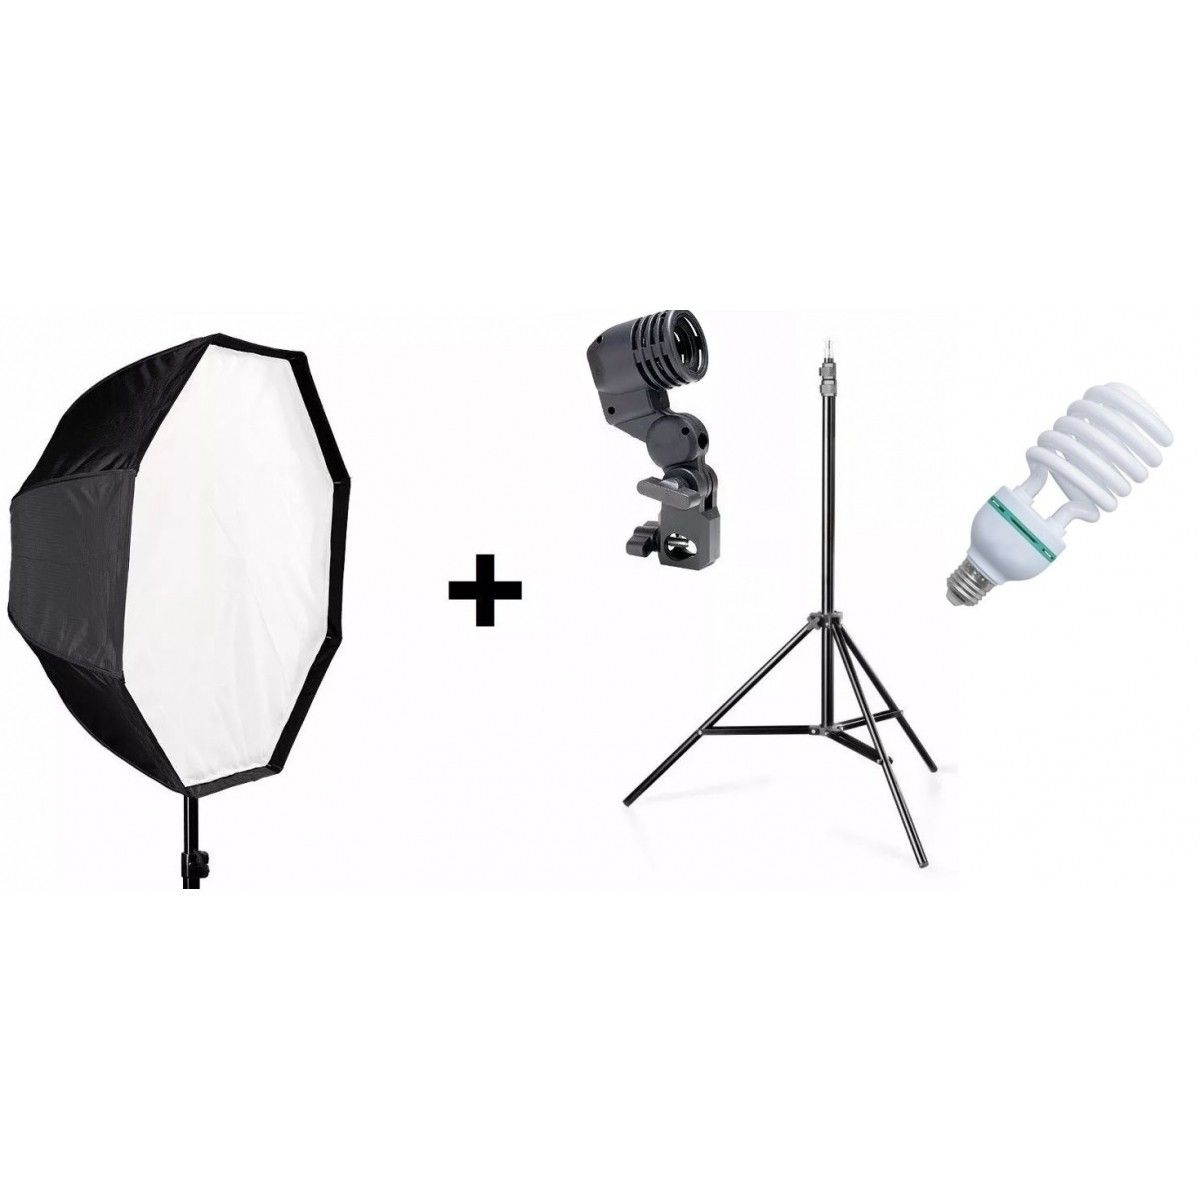 Kit Completo Para Estúdio Fotográfico - Octabox 120cm + Soquete simples + Tripé E Lâmpada 135W 110V